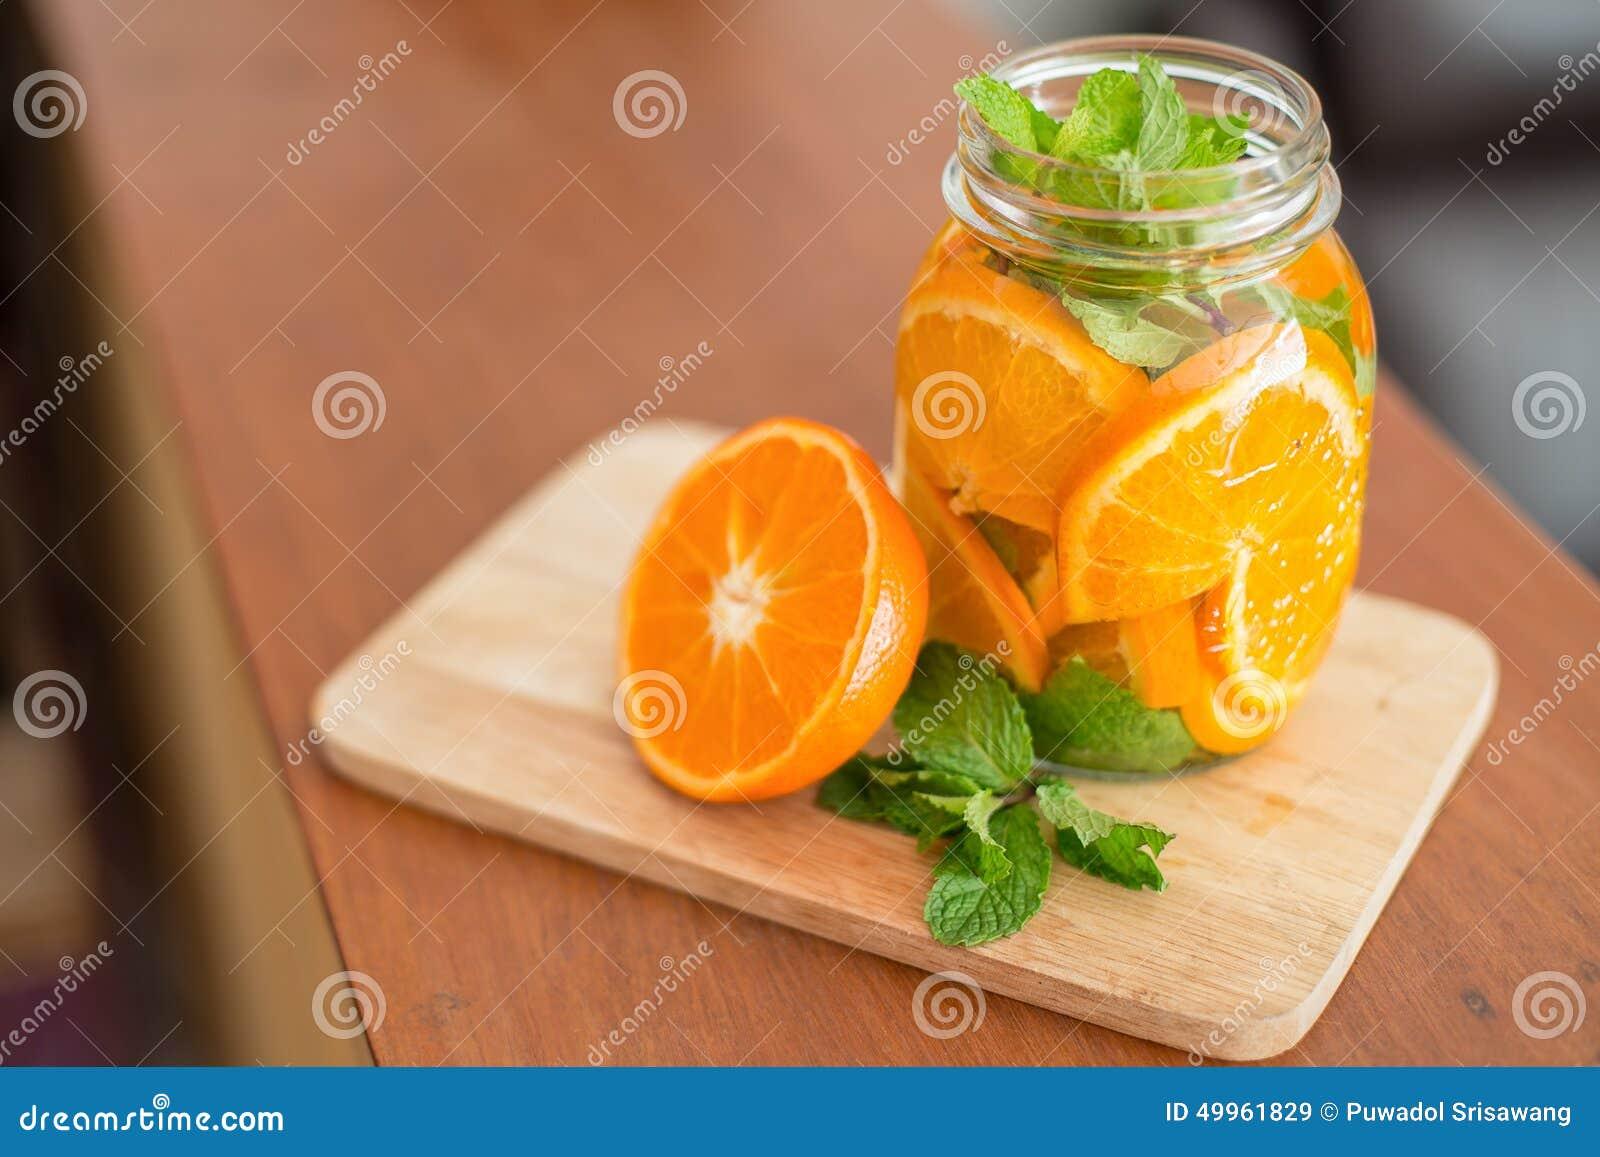 Mok heerlijke verfrissende drank van oranje fruit, gegoten water